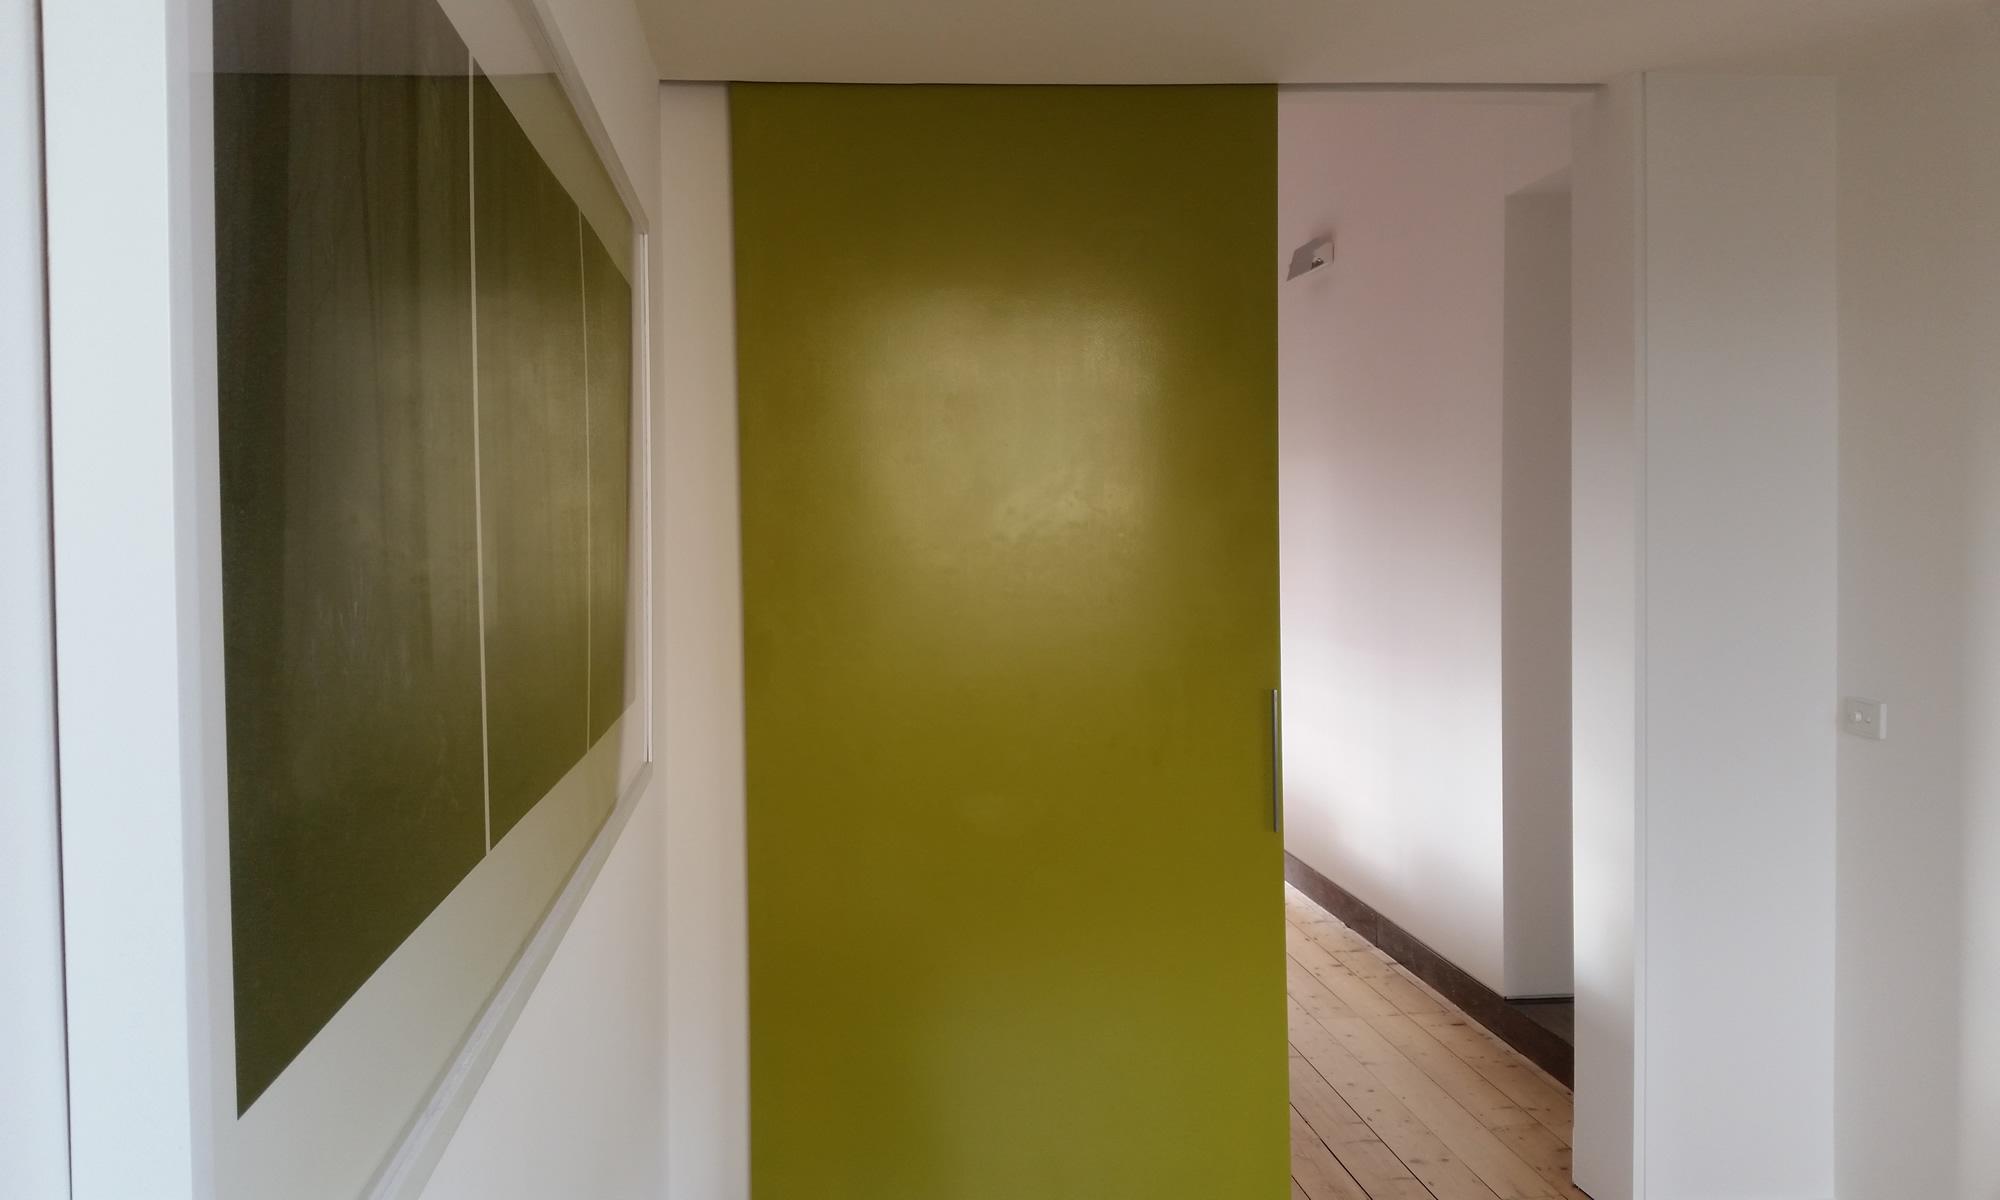 paint colour consultant